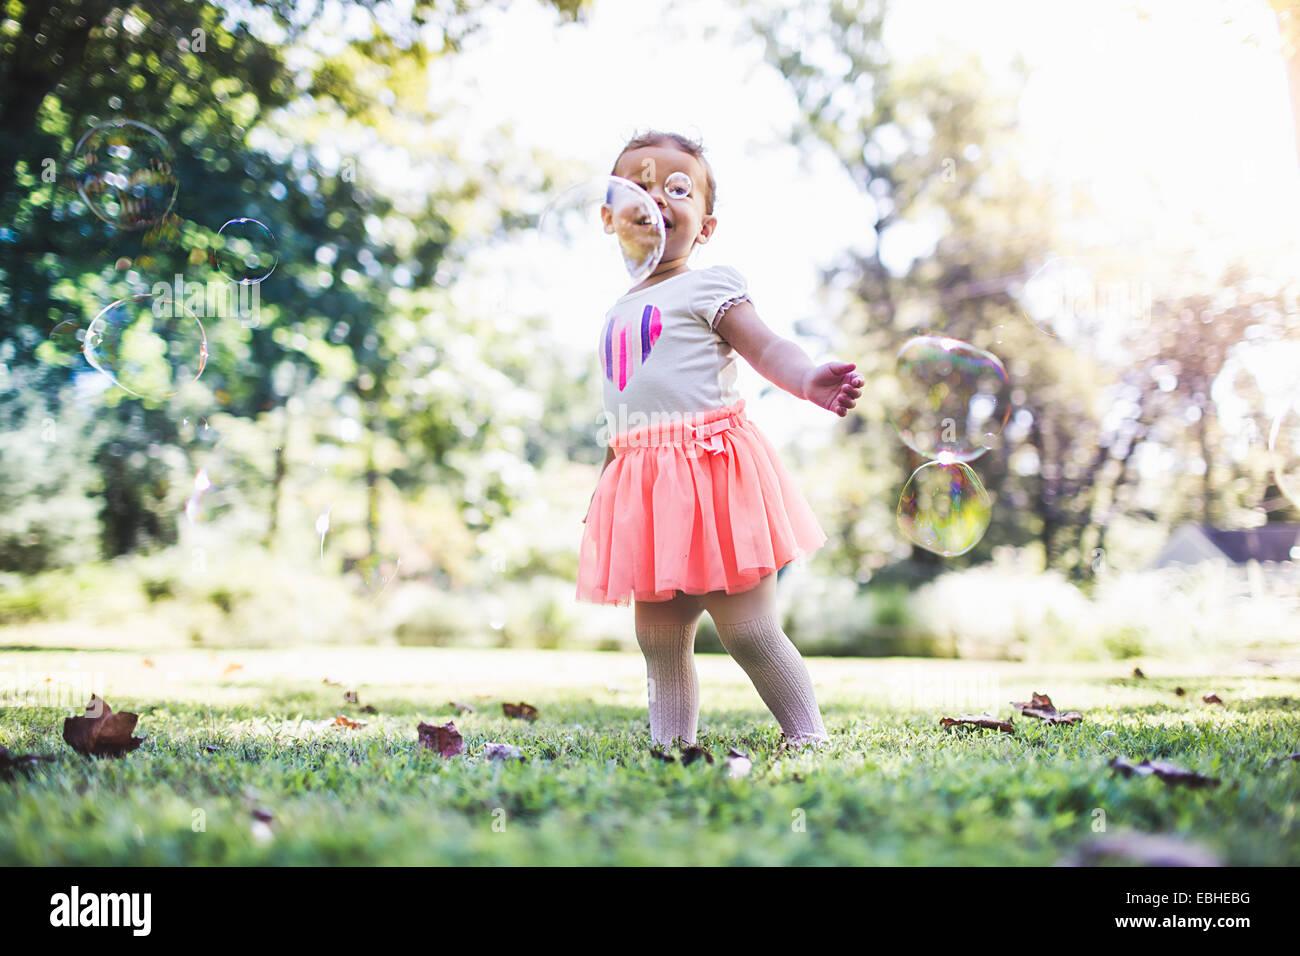 Bambina gioca con le bolle in giardino Immagini Stock